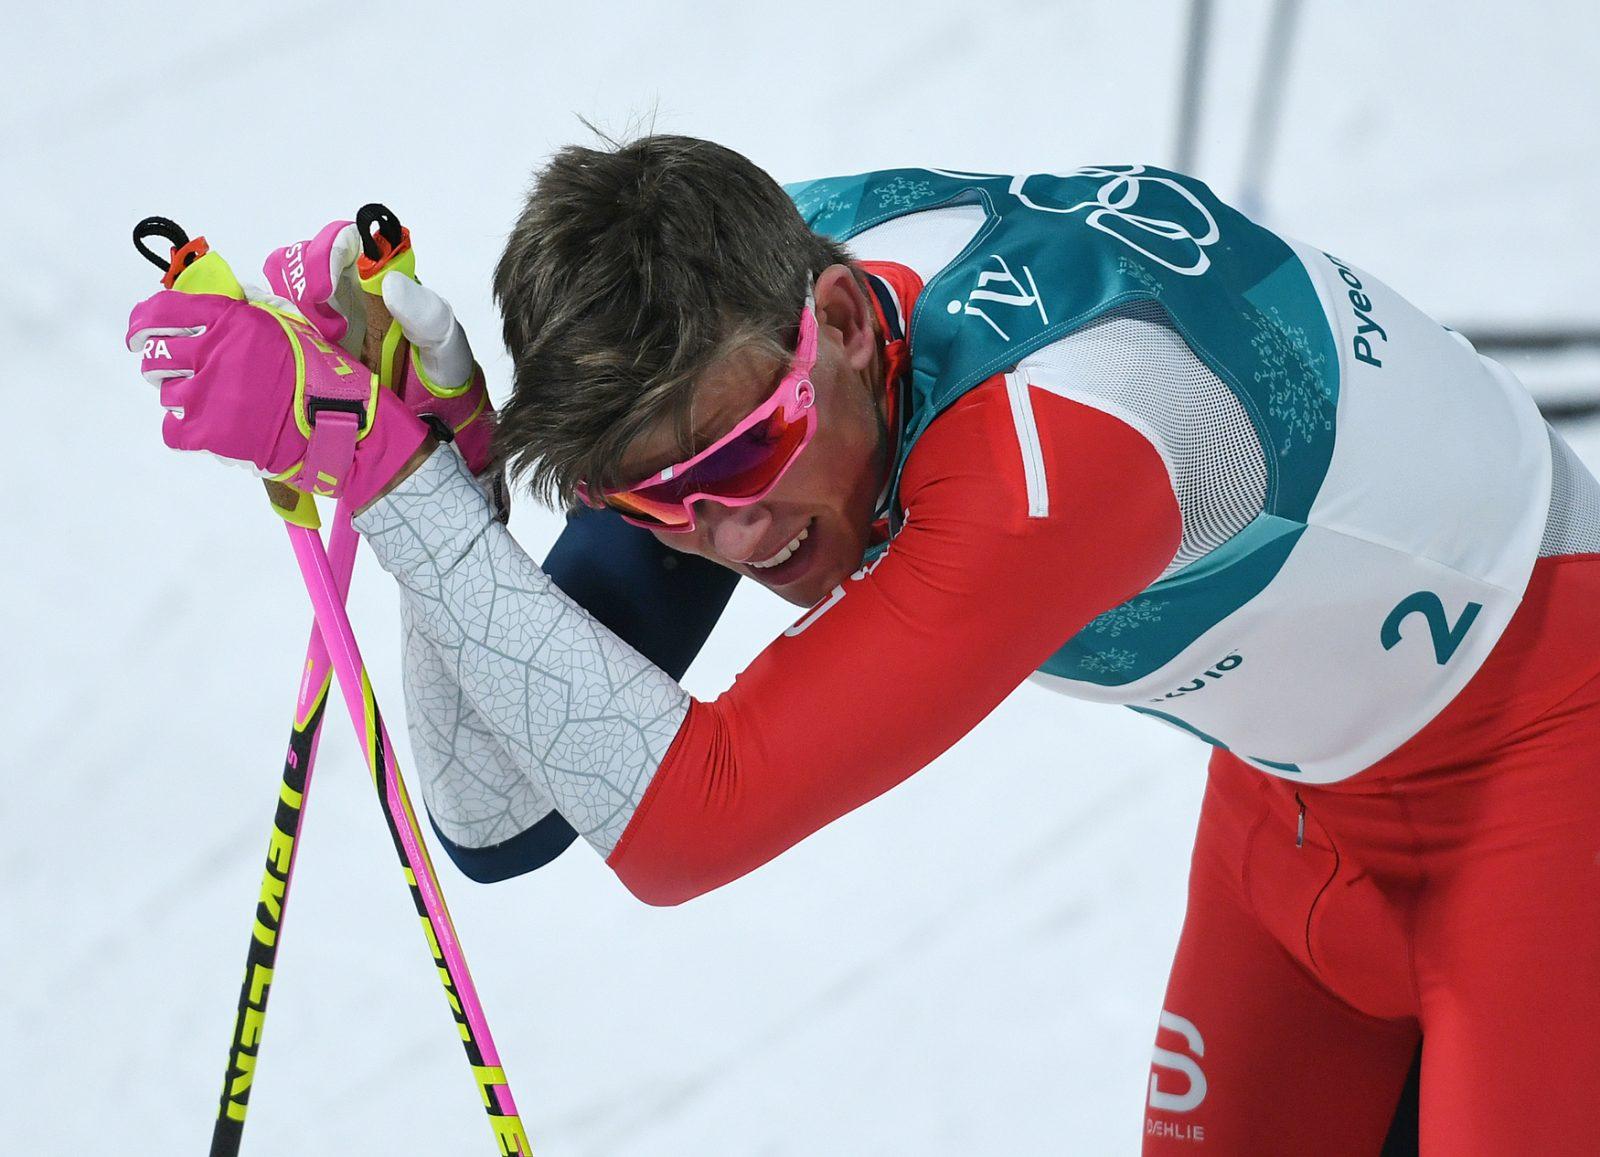 115f73d22 Jednadvacetiletý olympijský šampion Klaebo vyzval Bolta na sprinterský  souboj v Central Parku | iROZHLAS - spolehlivé zprávy